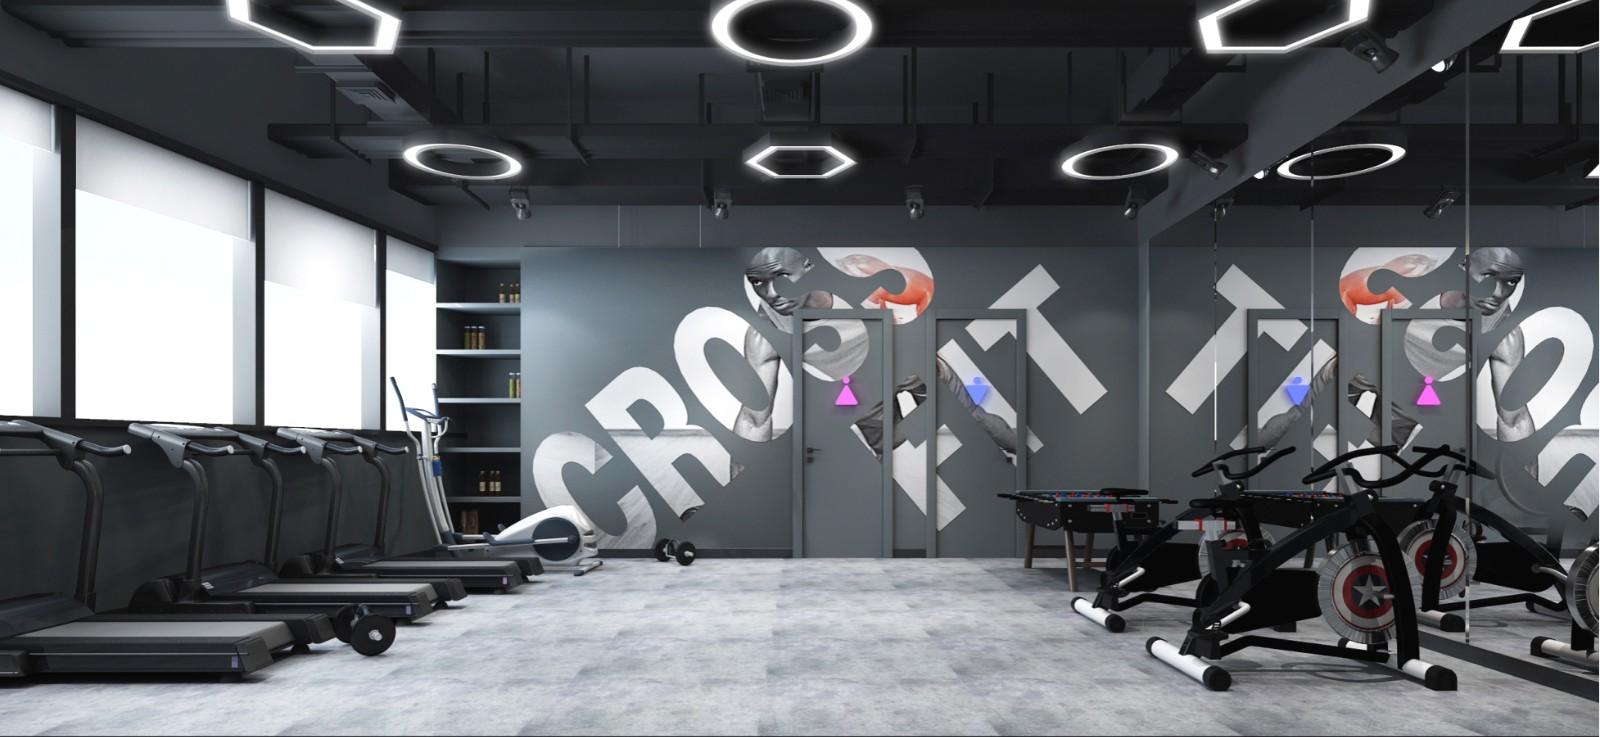 社区商业空间_网络营销相关-深圳市唯创装饰设计工程有限公司